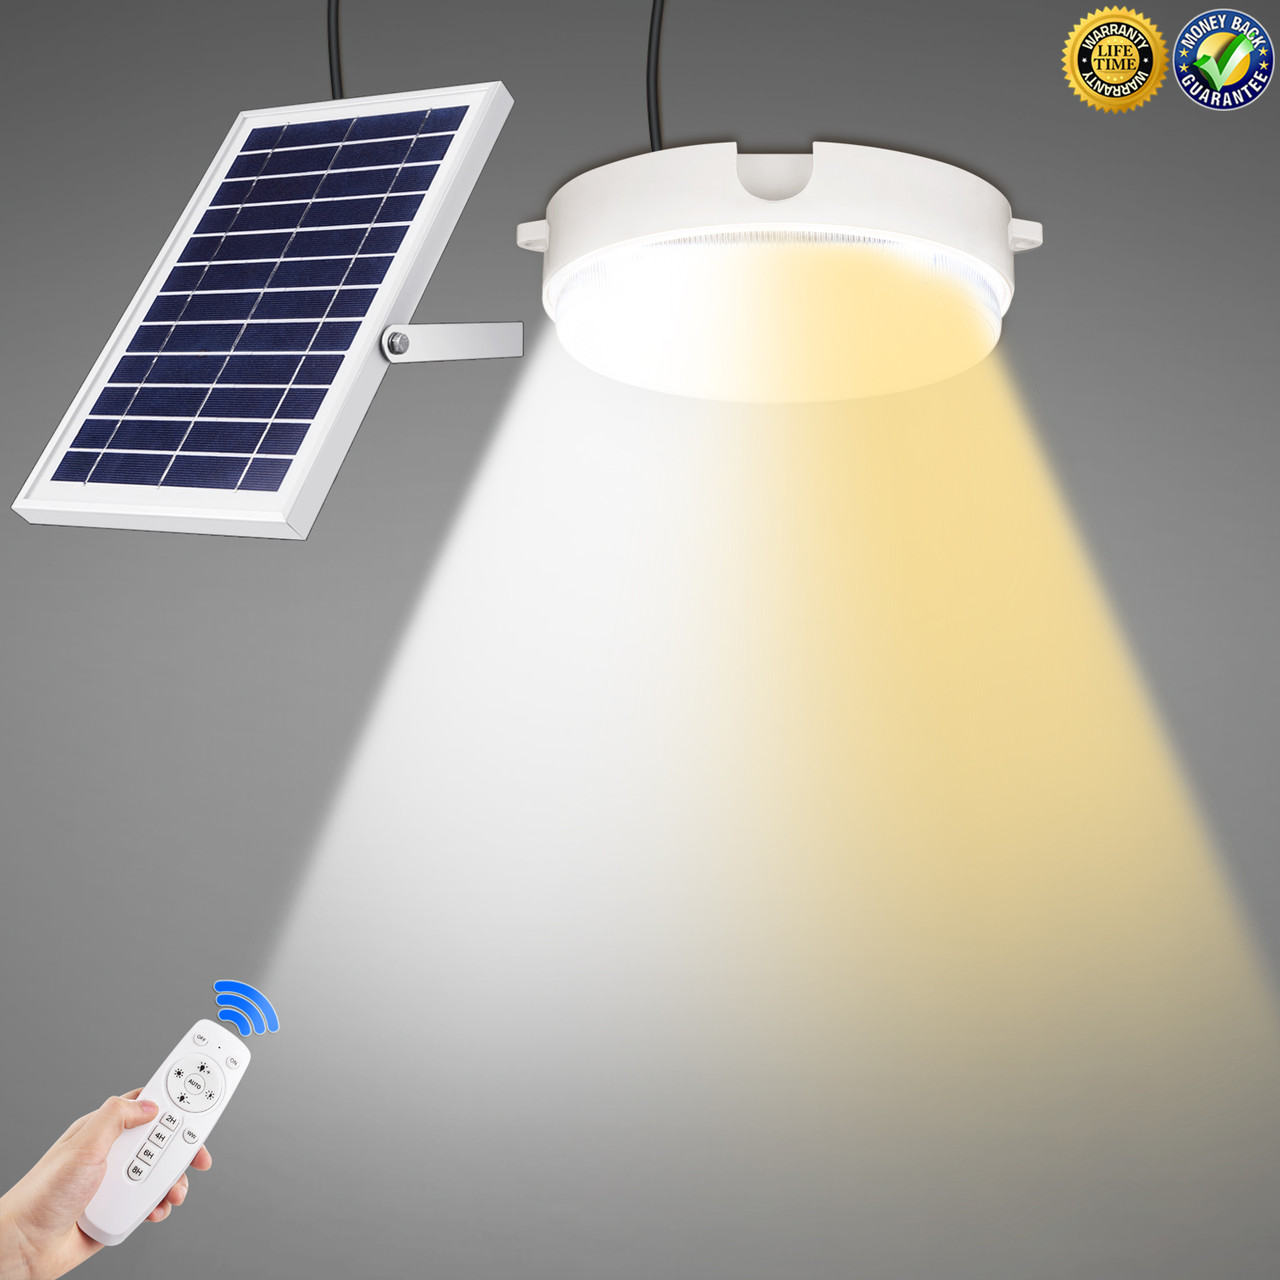 Светодиодный потолочный светильник на солнечной батарее два цвета с пультом дистанционного управления